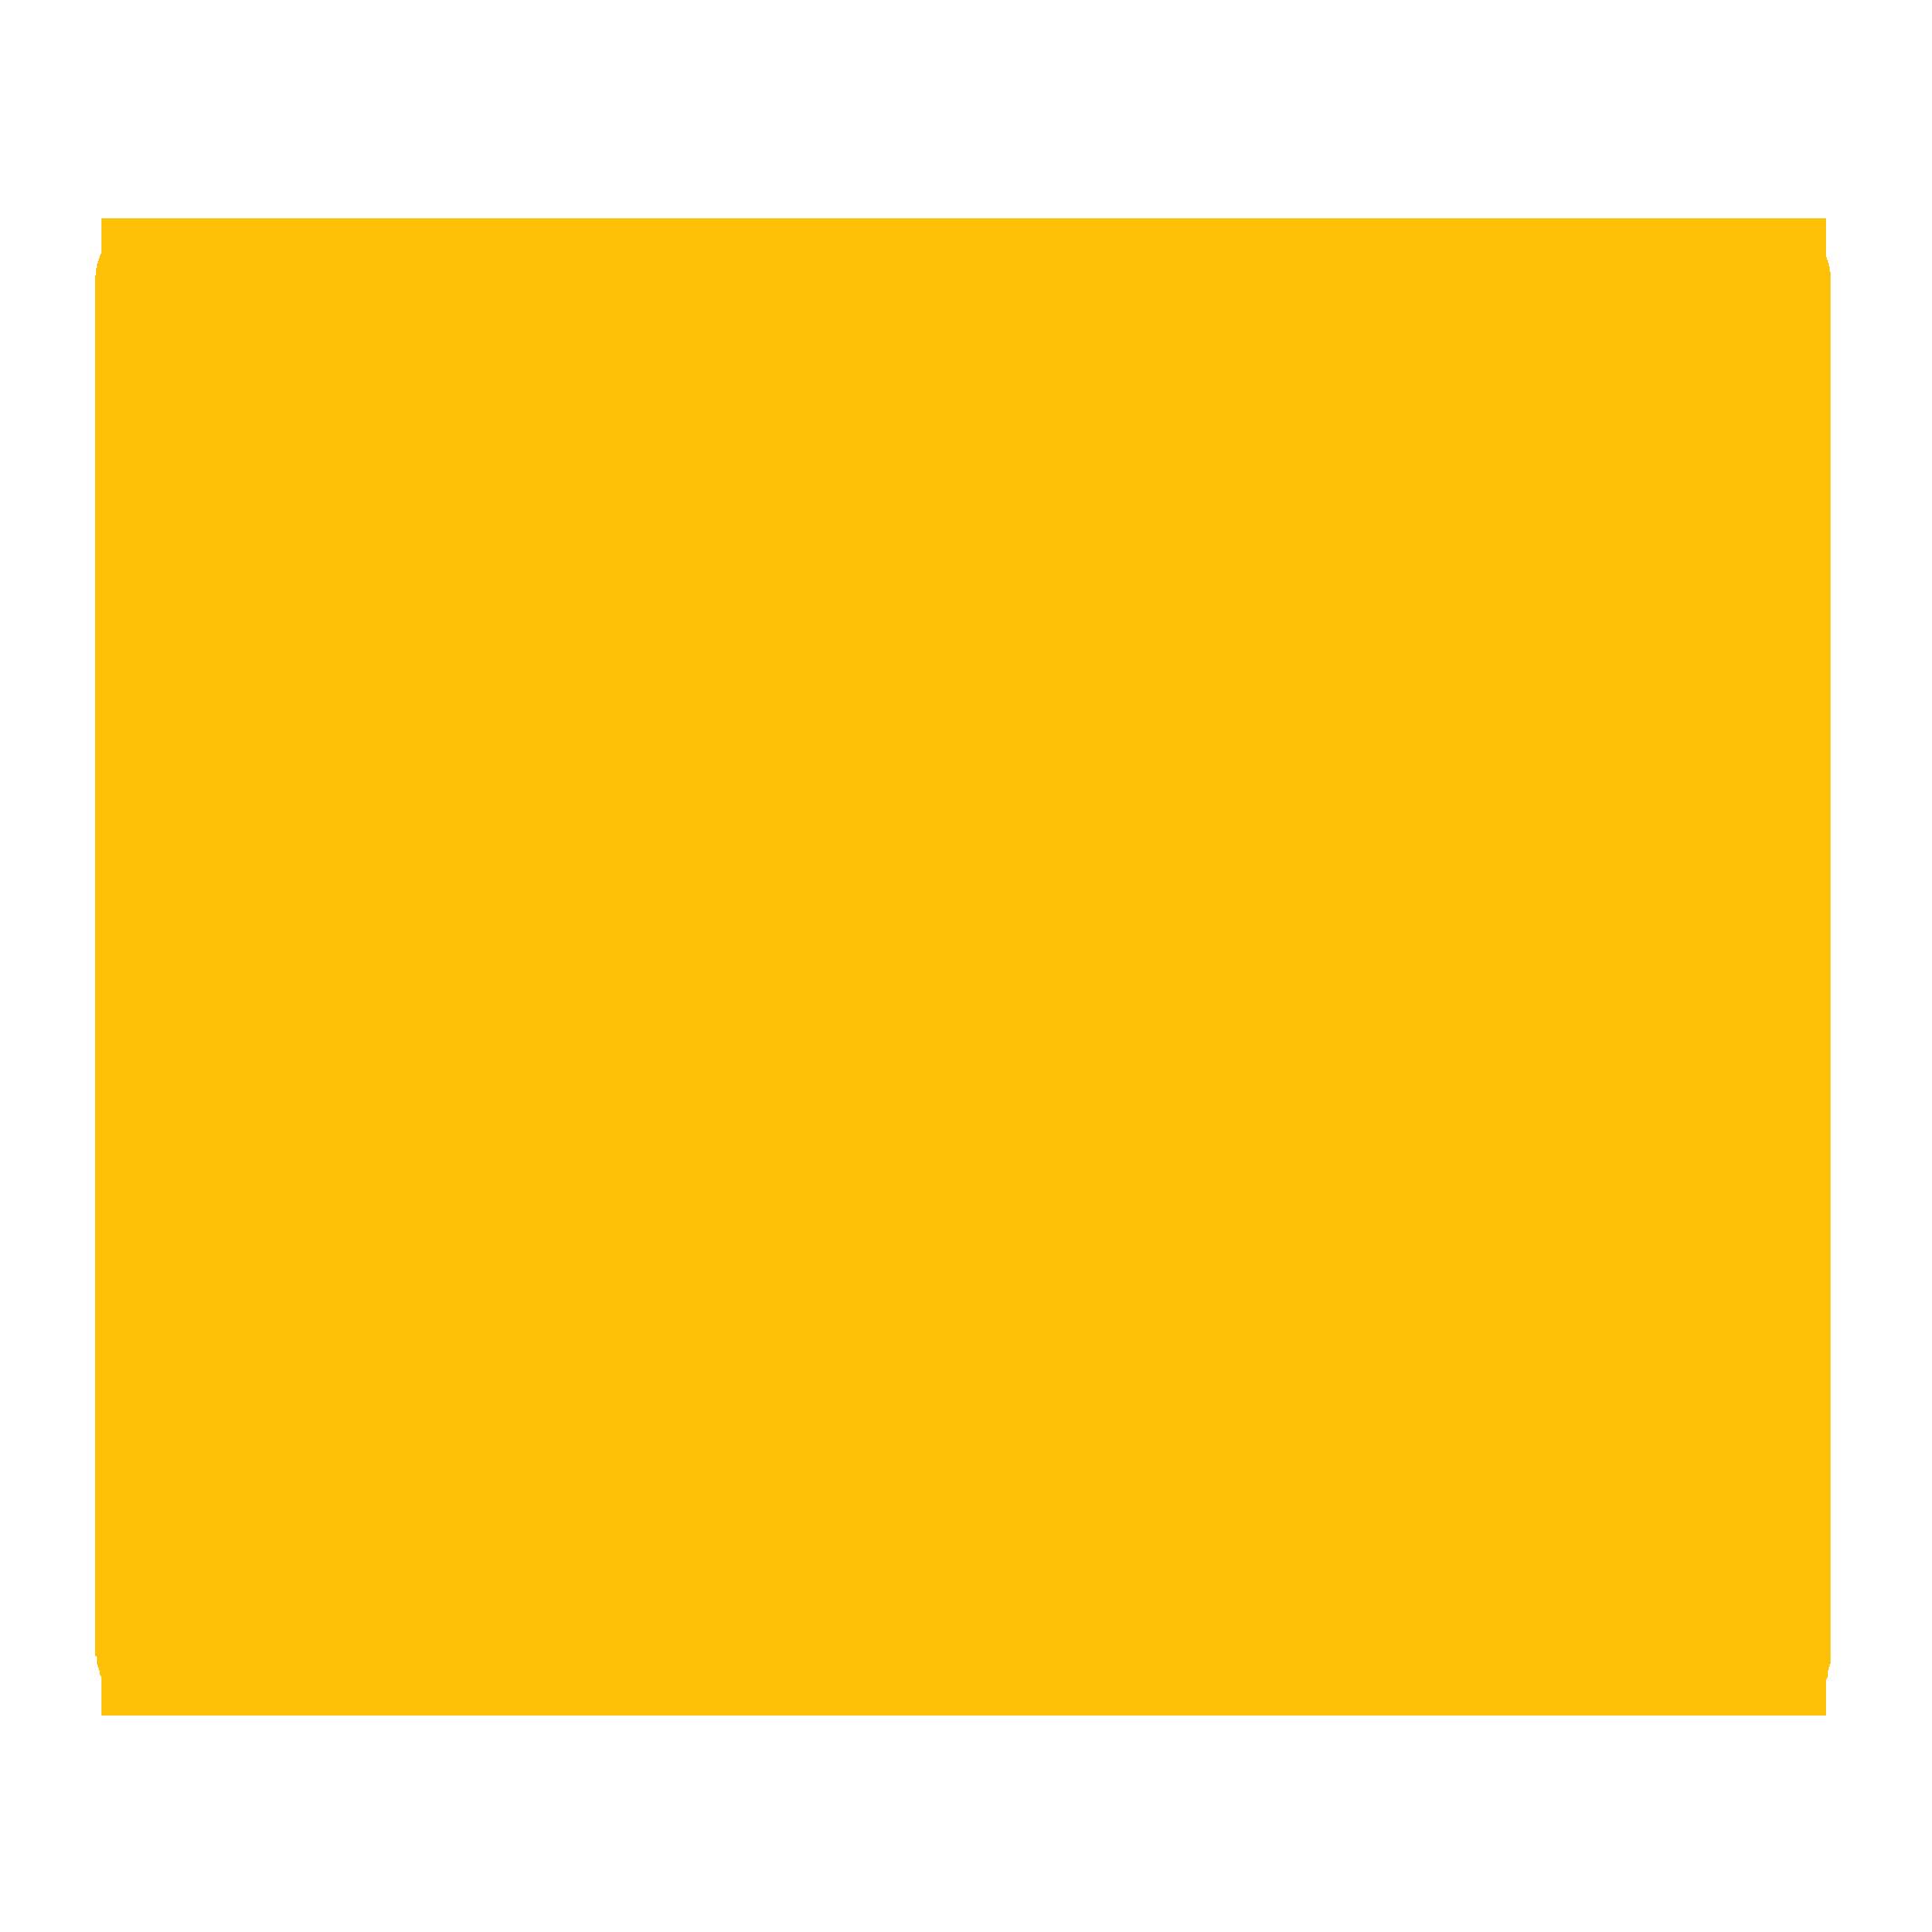 ادرس ایمیل  | آموزشگاه زبان کوکی